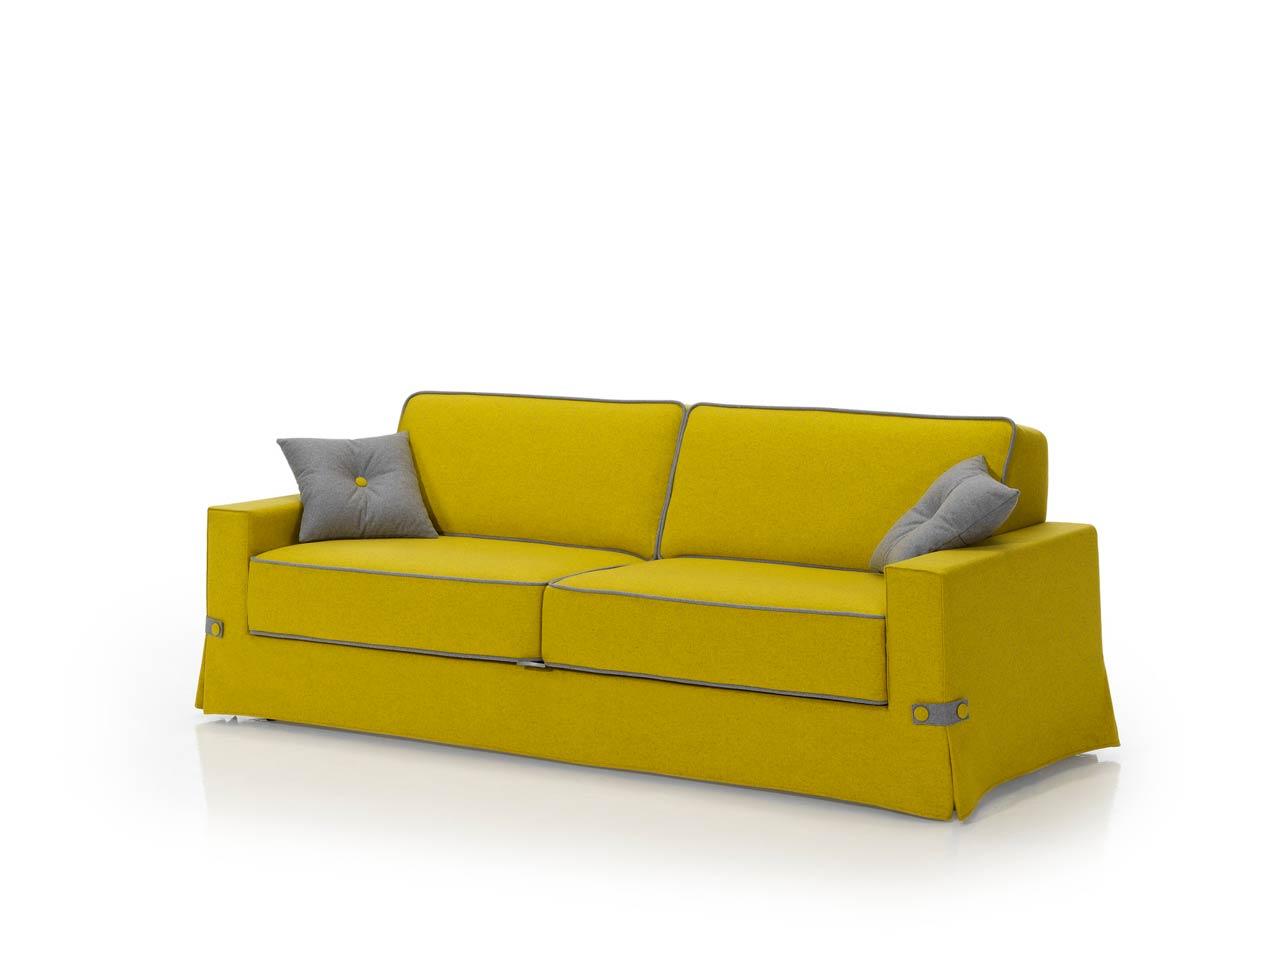 Comprar sofa cama barato online tienda online for Sofa cama 2 plazas chile